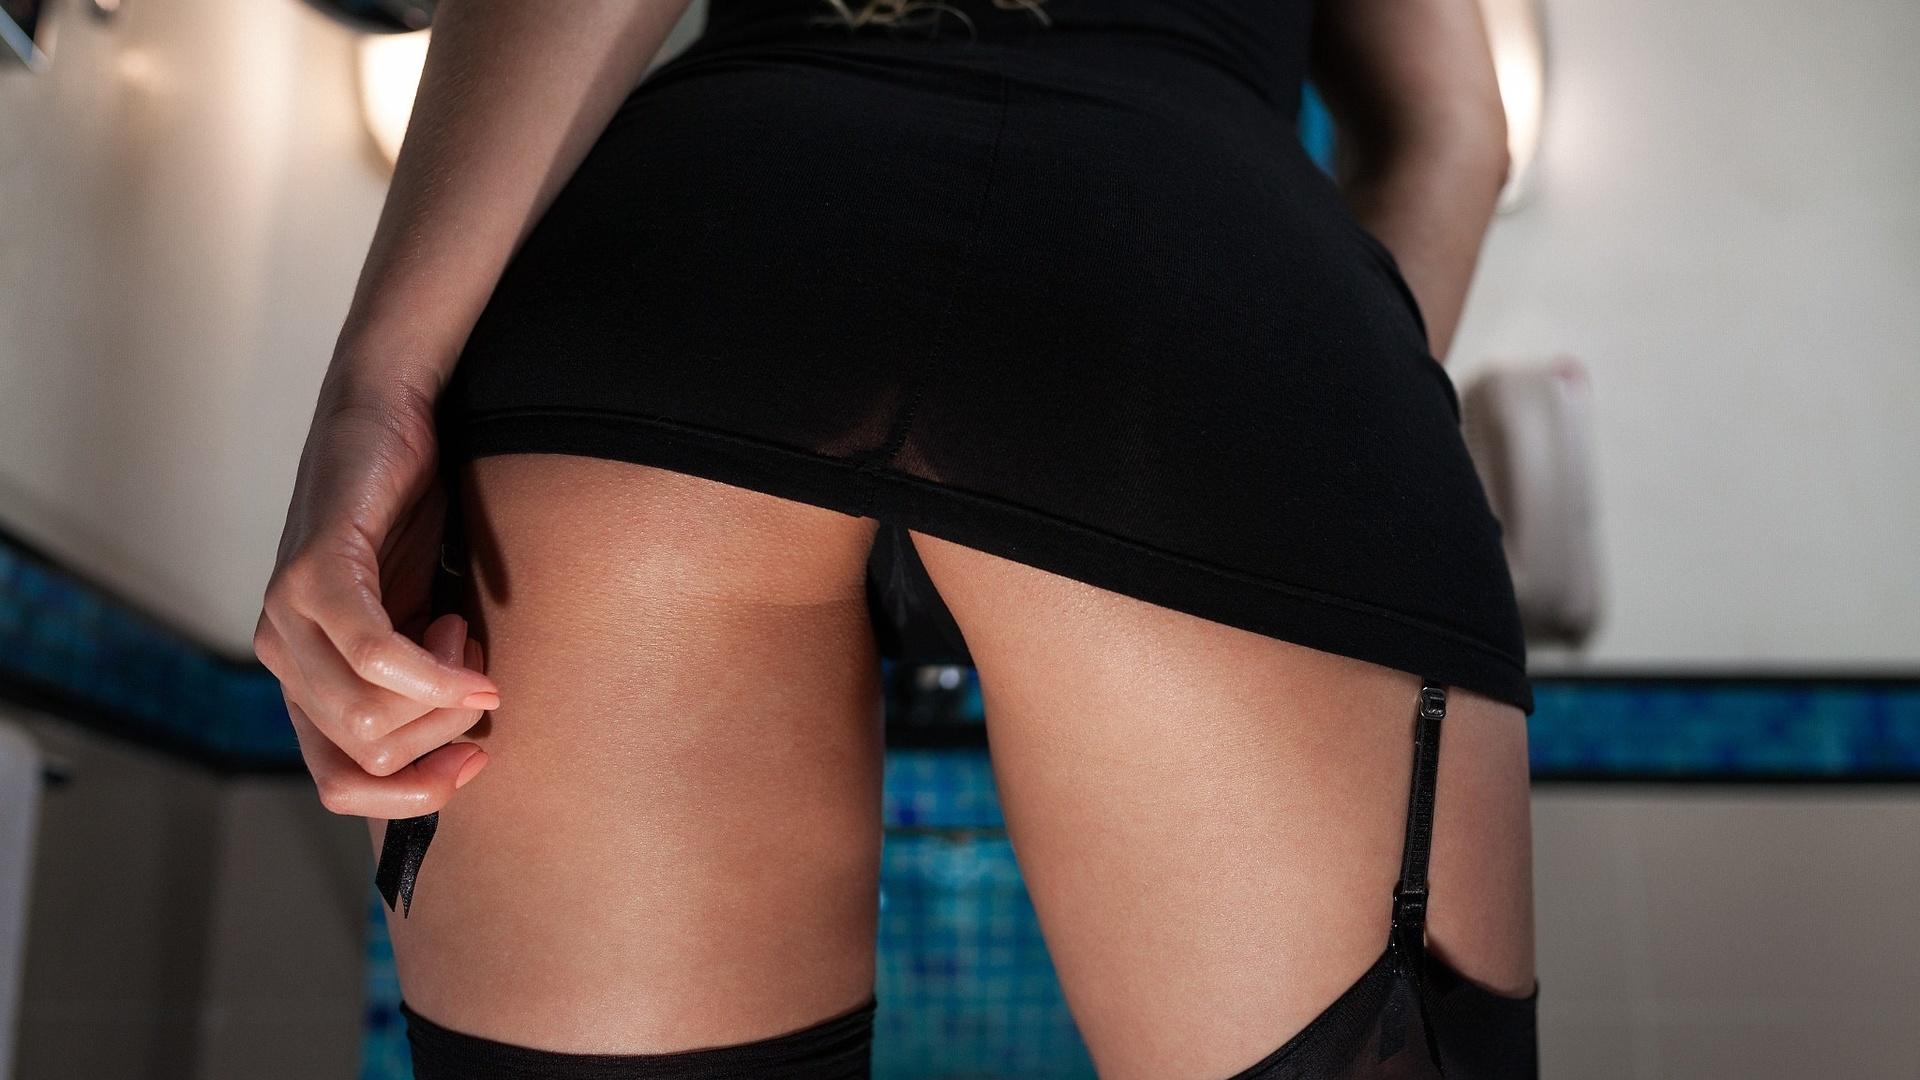 Фото девушек в мини юбке чулках и стрингах, секс рабыня на толпу